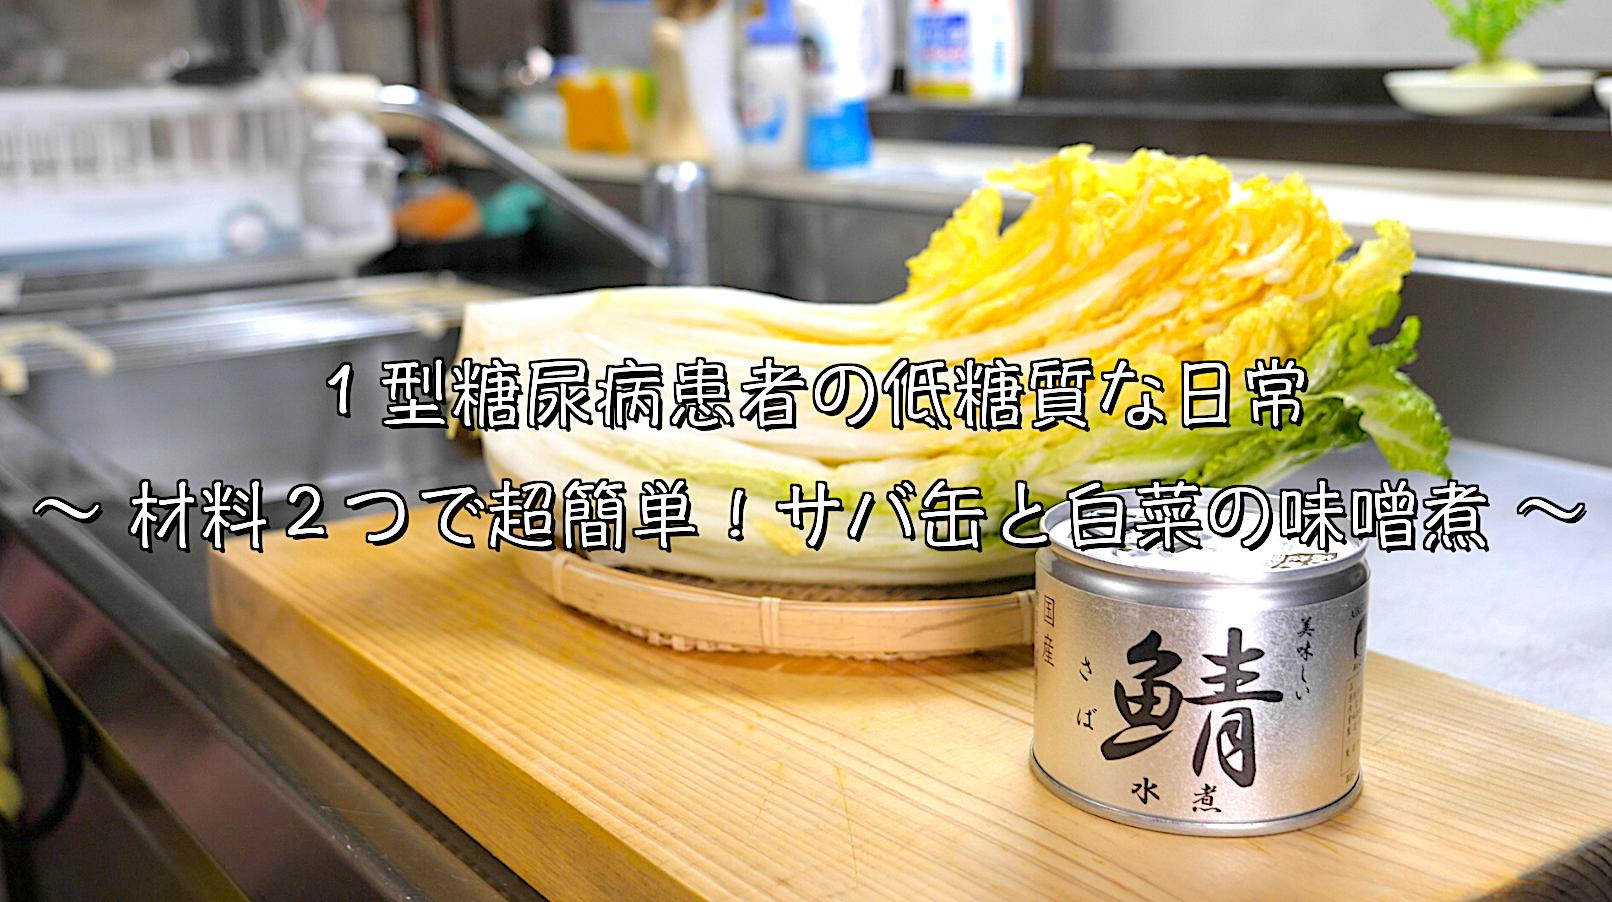 サバ缶 ダイエット 白菜 レシピ